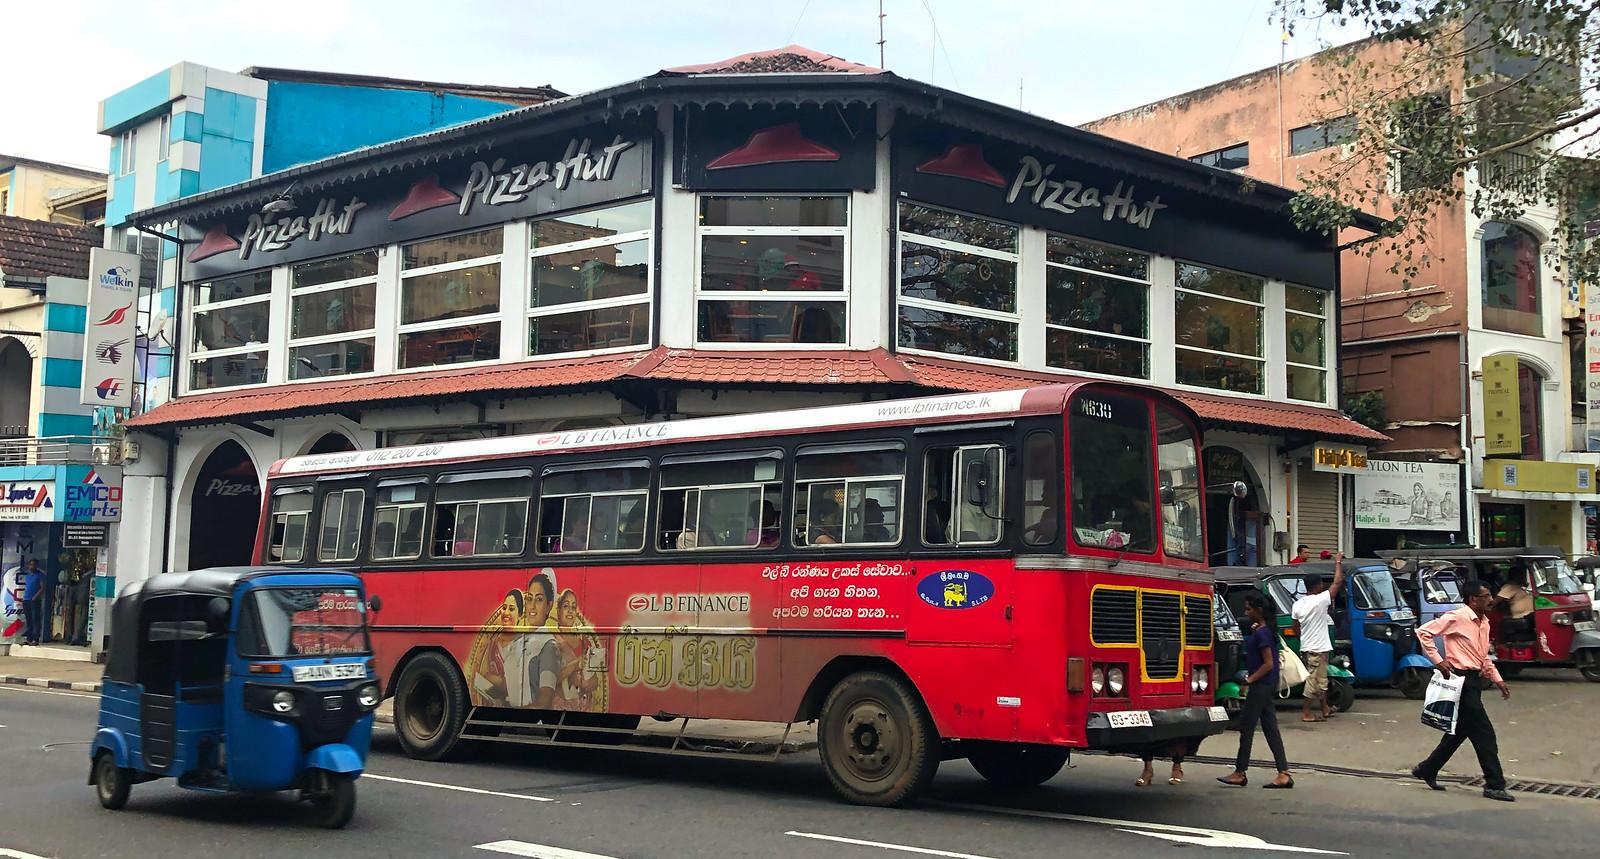 Kandy en un día, Sri Lanka kandy en un día - 32123771637 5f9755ad1c h - Kandy en un día, Sri Lanka